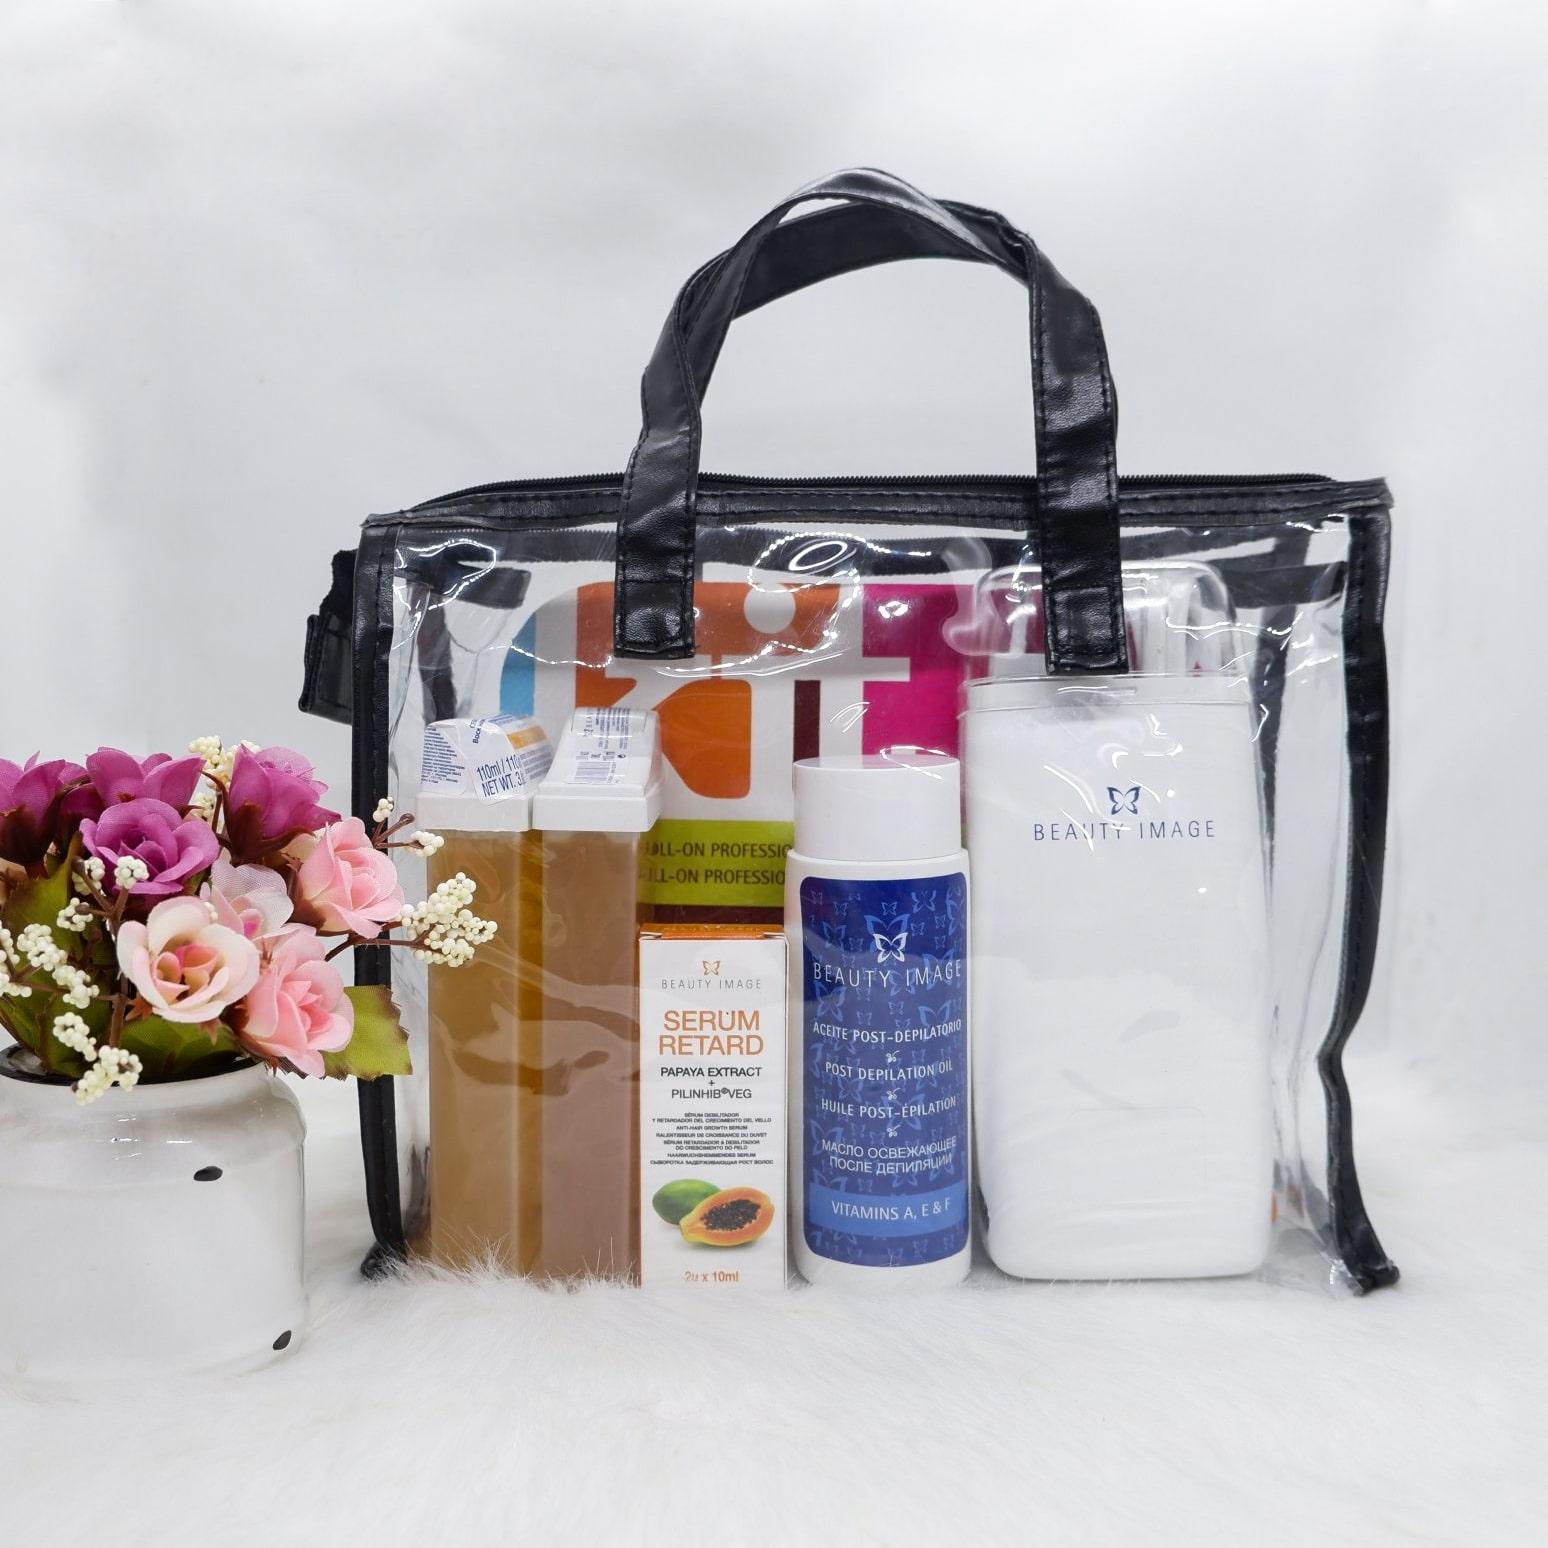 Bộ dụng cụ lăn triệt lông Beauty Image Professional Wax Roll On Kit tốt nhất